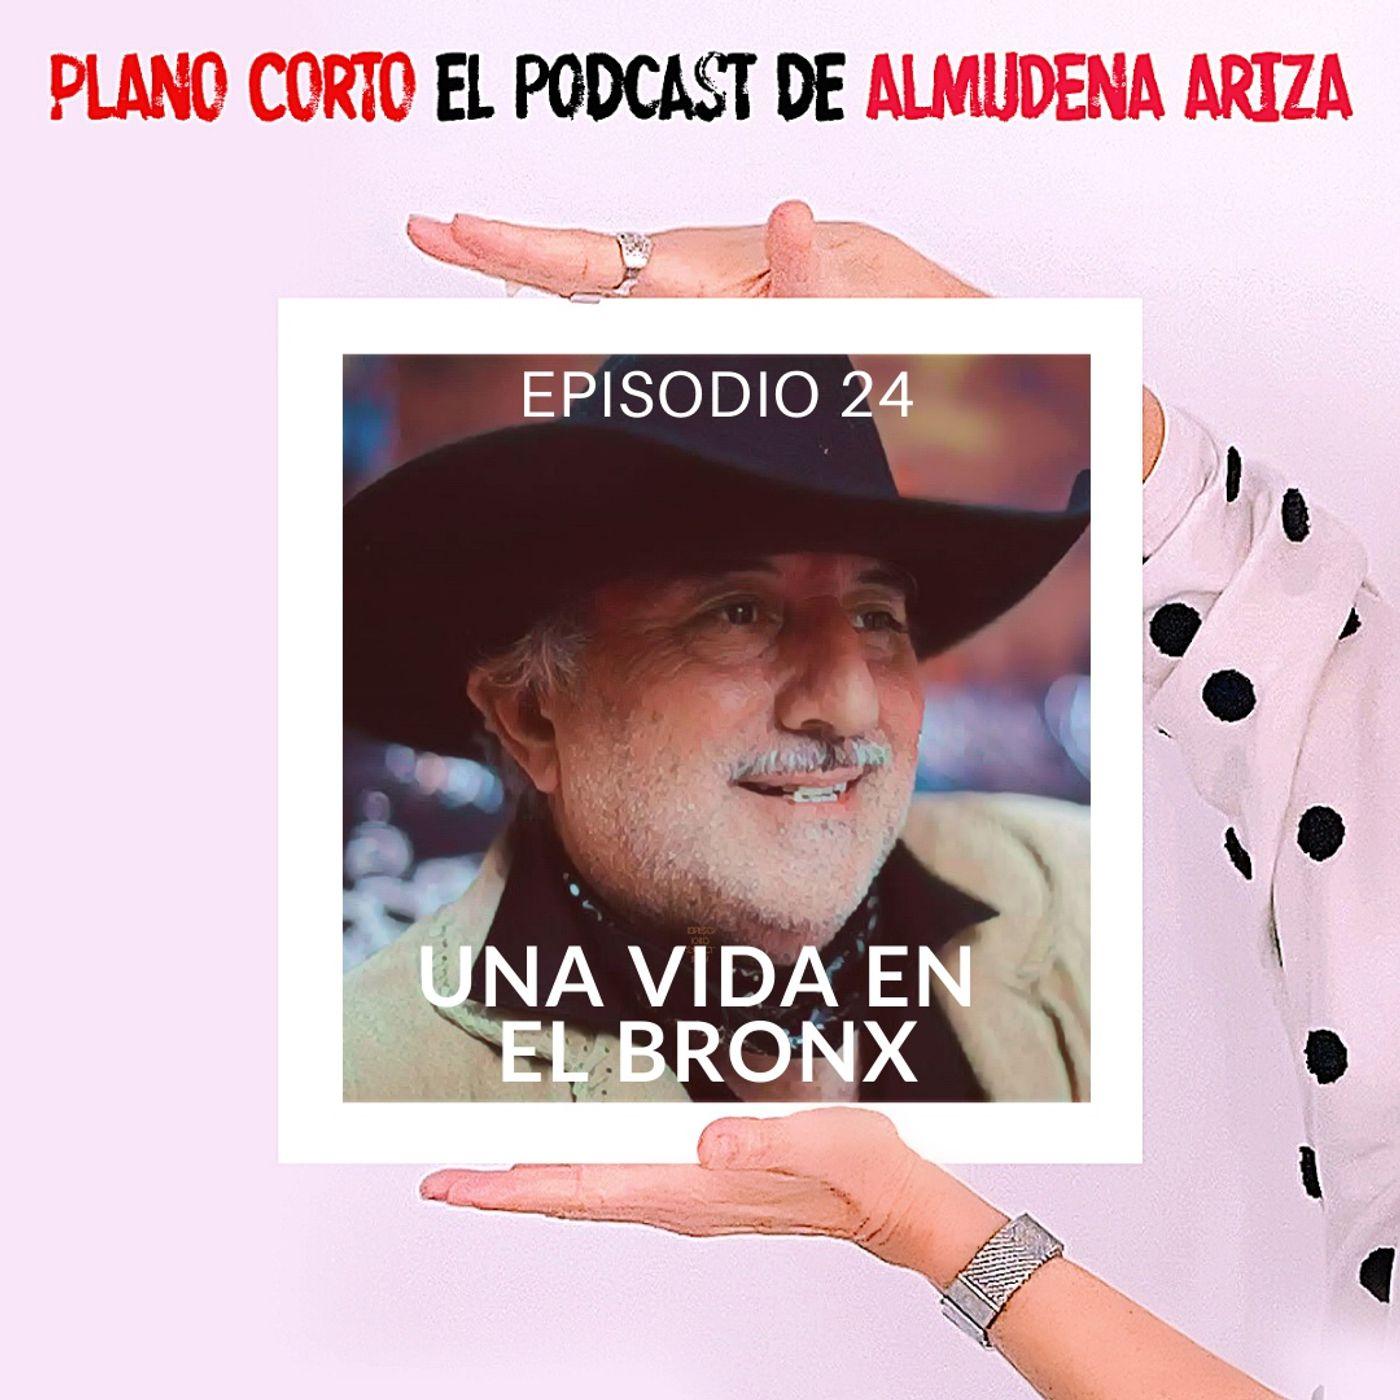 Una vida en el Bronx